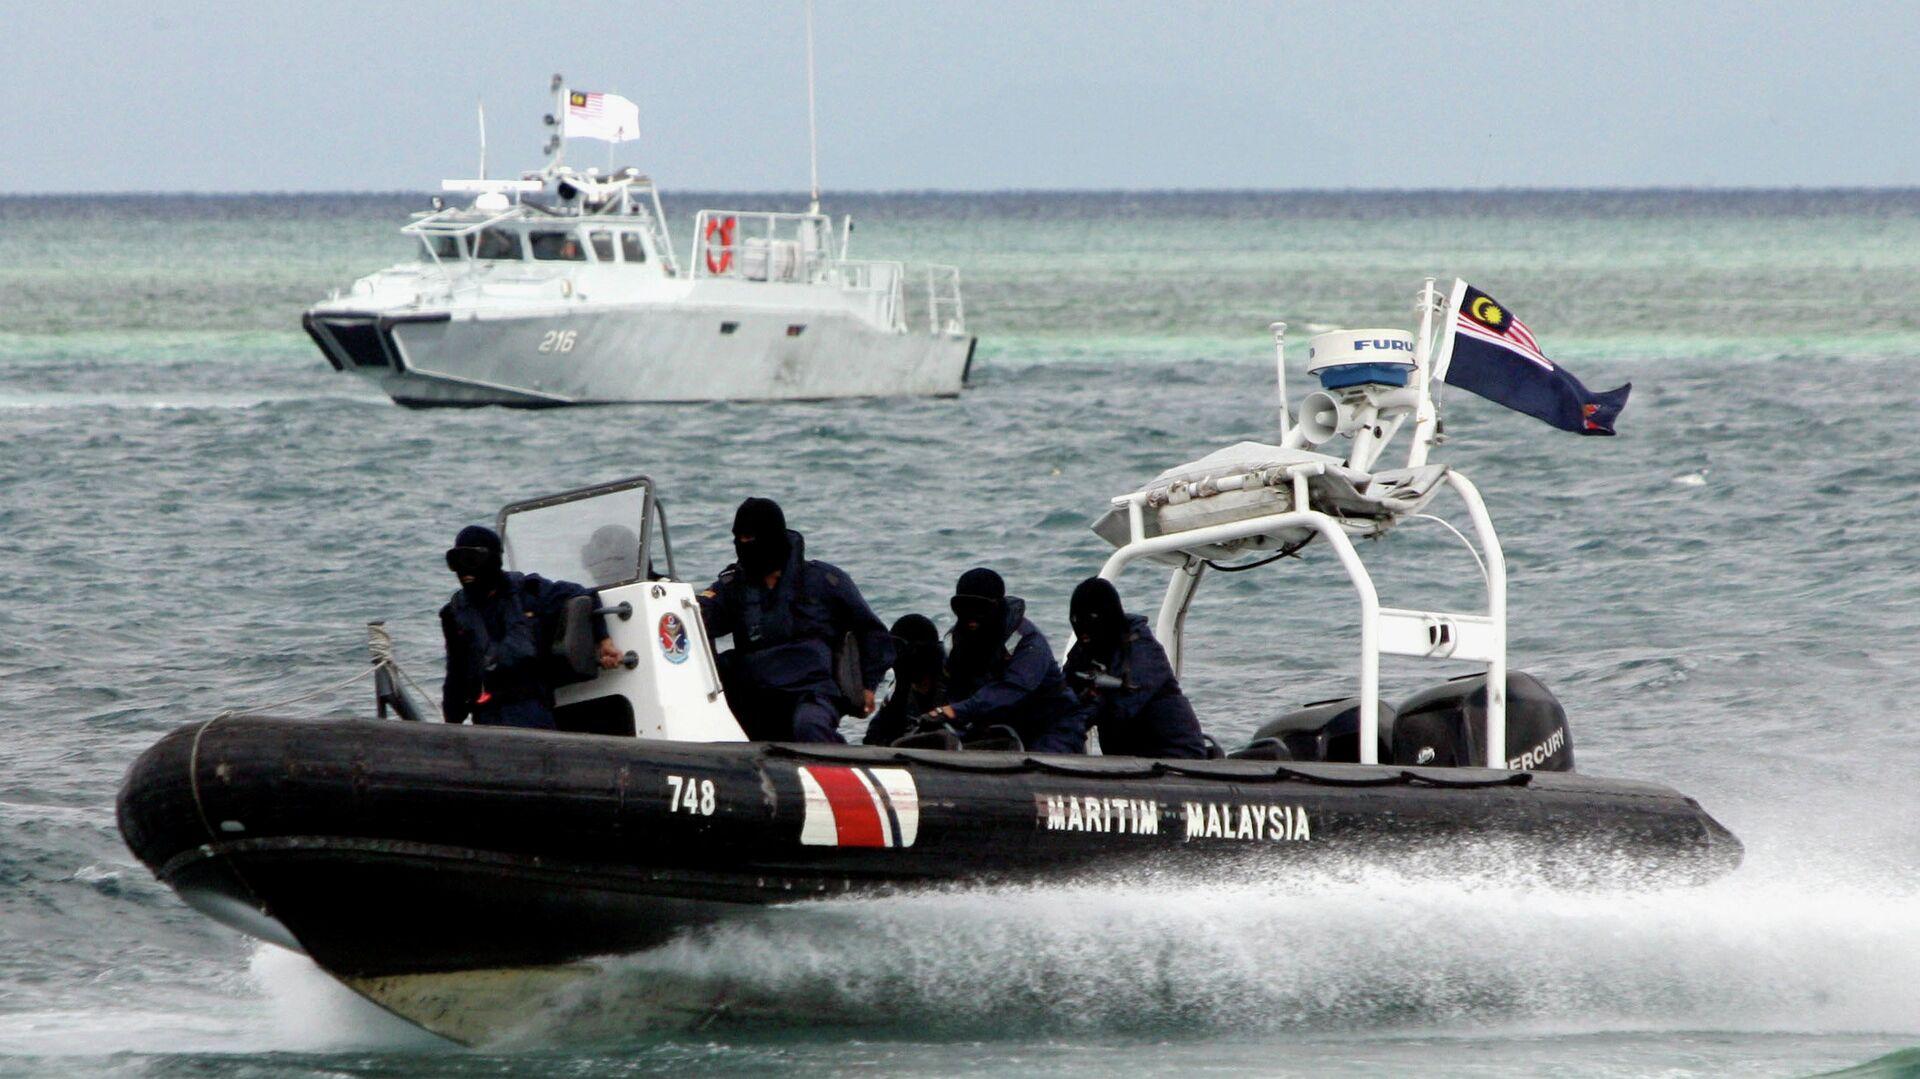 Спецподразделение морской полиции Малайзии по борьбе с пиратством. Архивное фото - РИА Новости, 1920, 26.09.2019